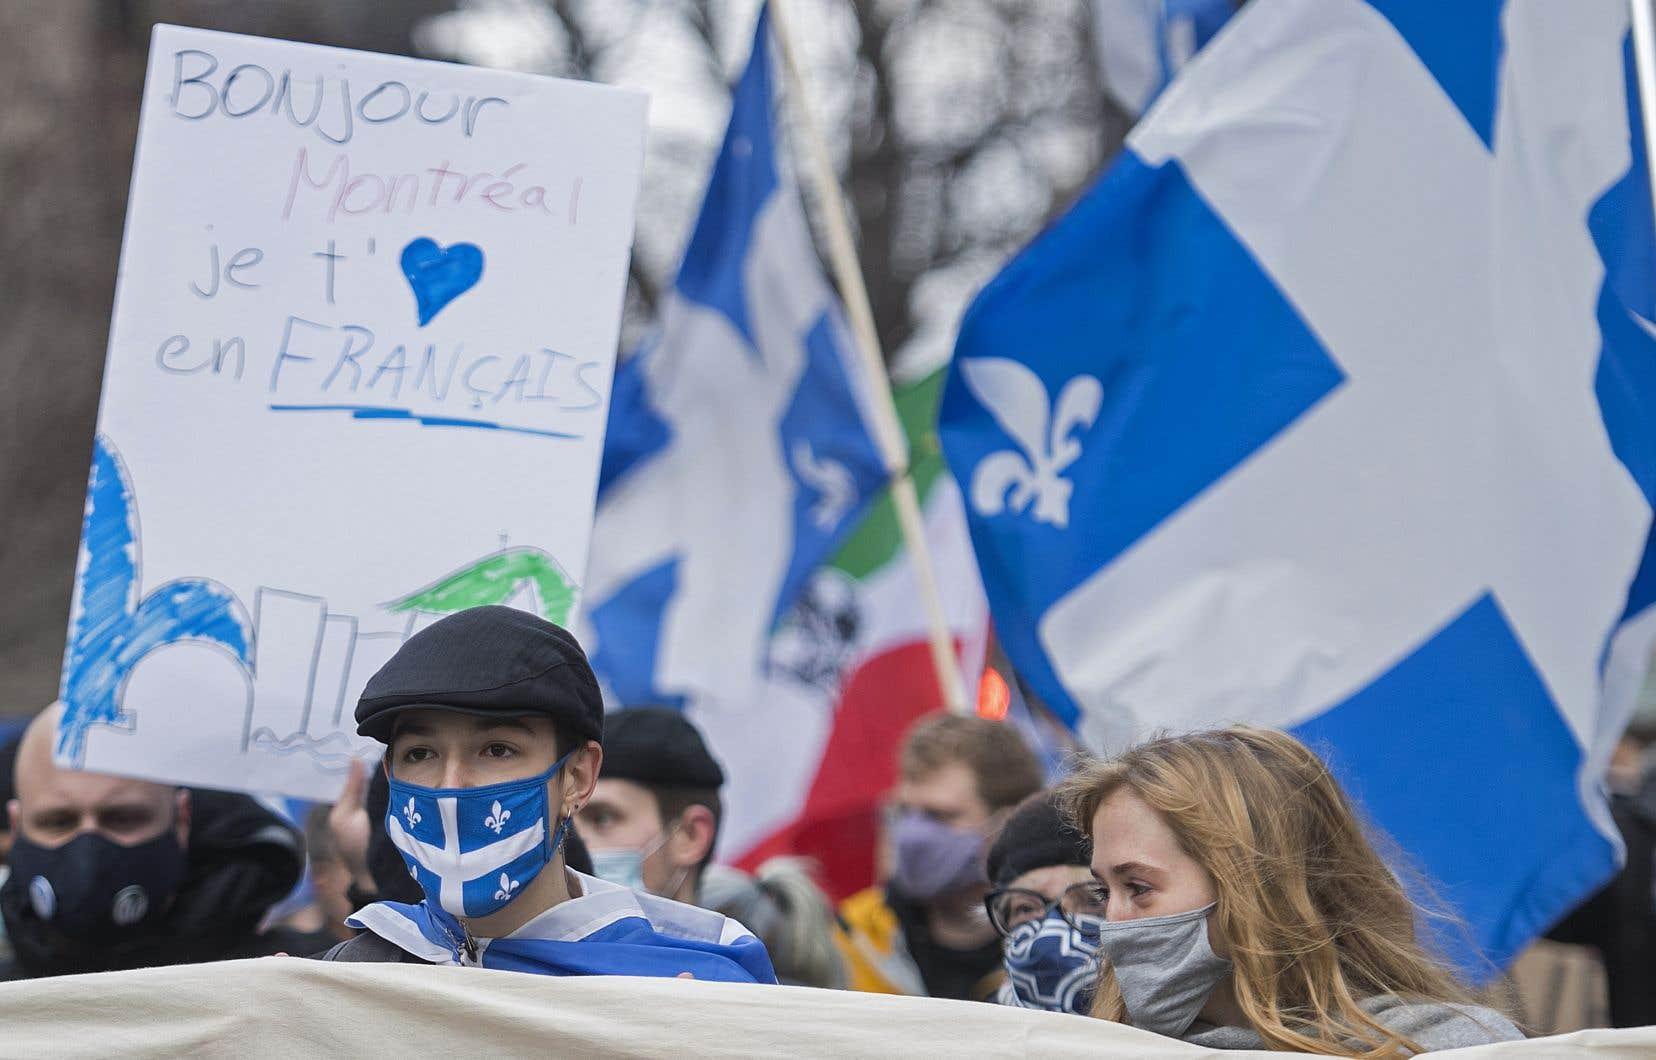 «Sur l'île de Montréal, le français n'est utilisé dans l'espace public que par 58% des personnes», rappelle l'auteur.